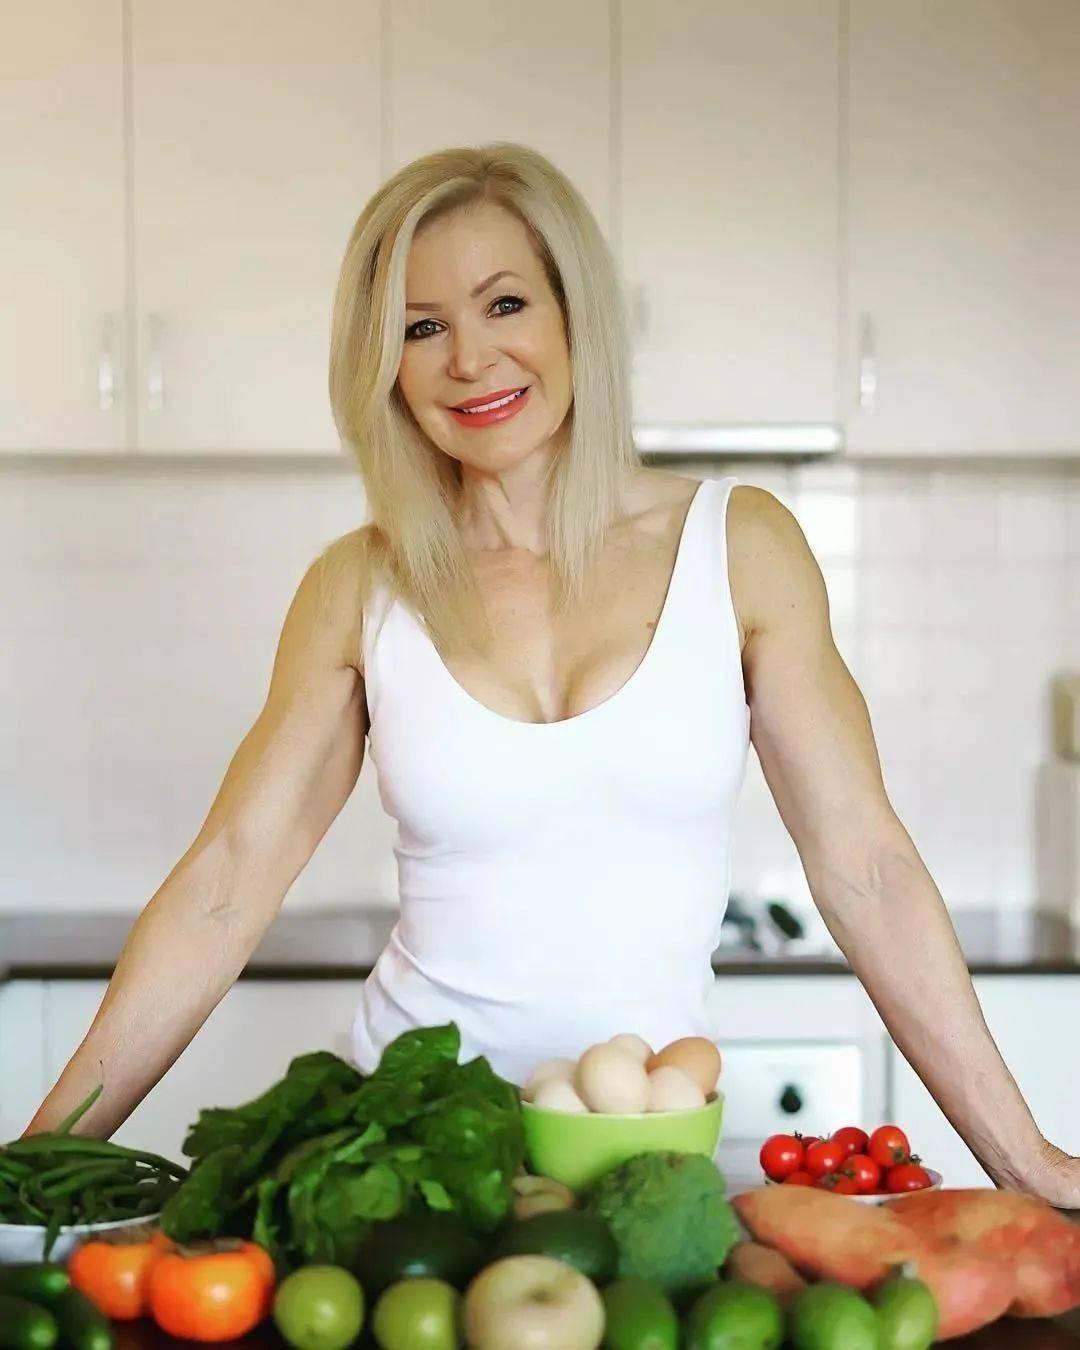 她48岁开始健身,64岁时身材如20岁少女,撸铁16年! 中级健身 第36张